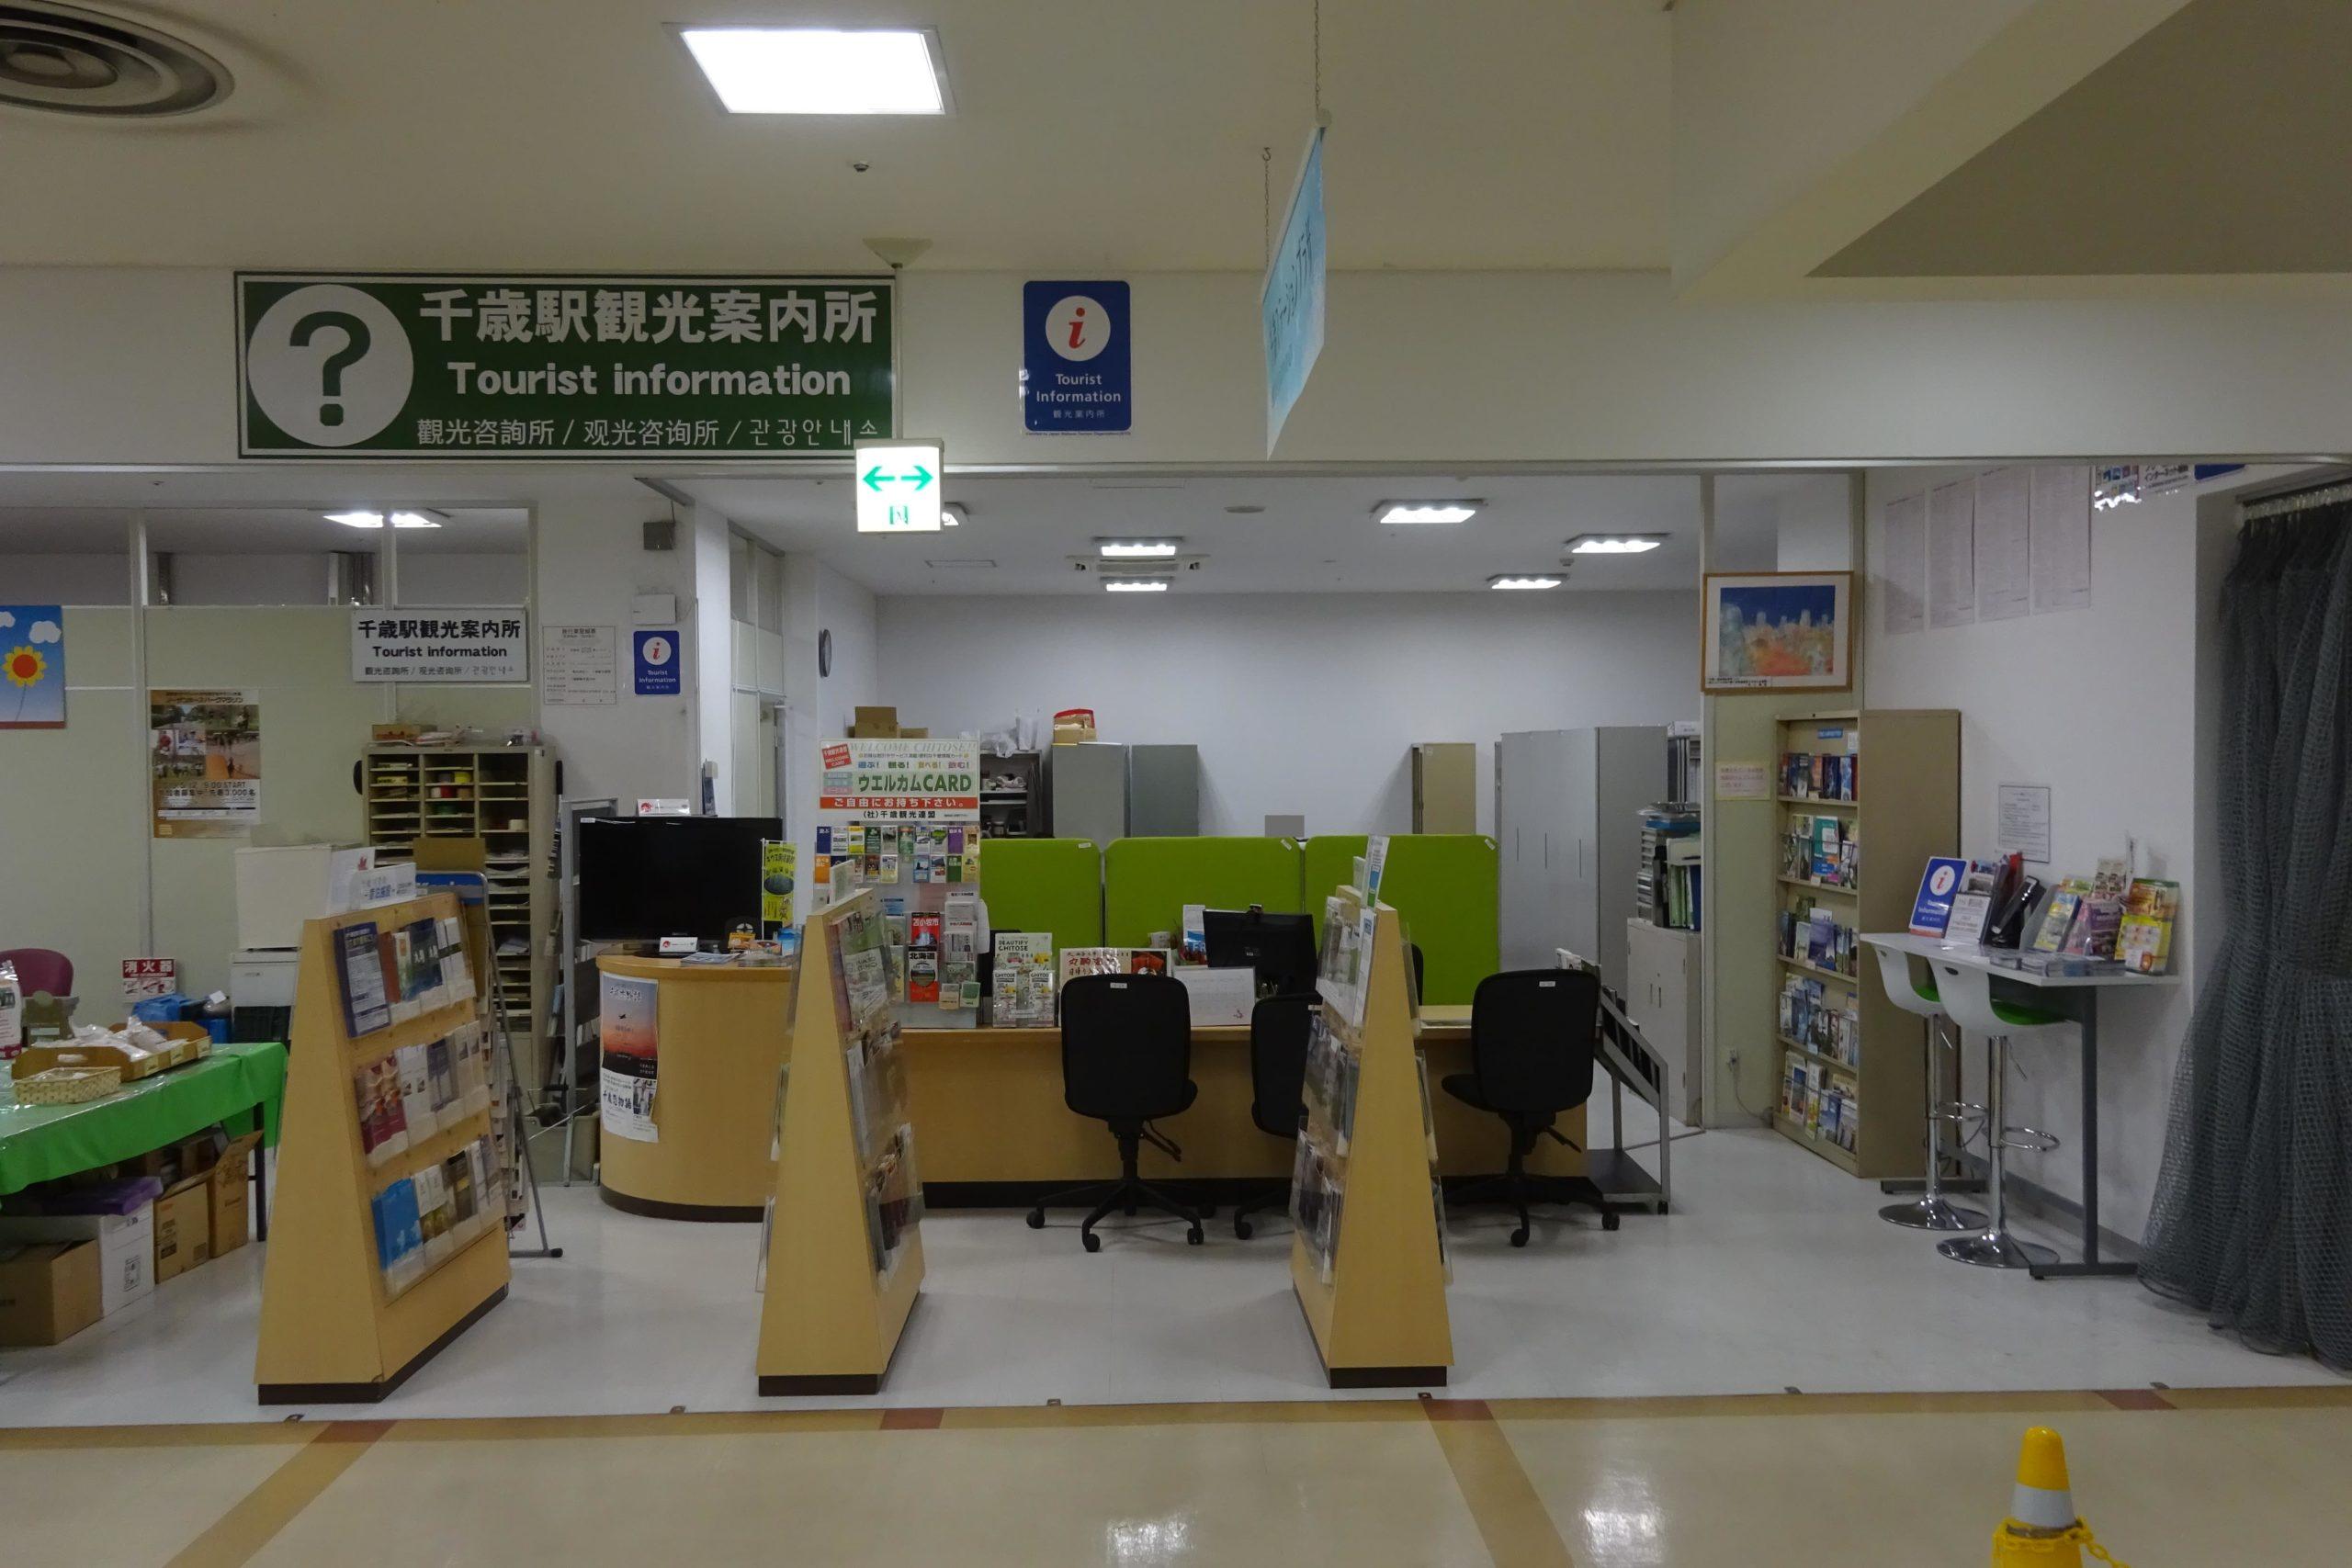 千歳駅観光案内所Wi-Fi